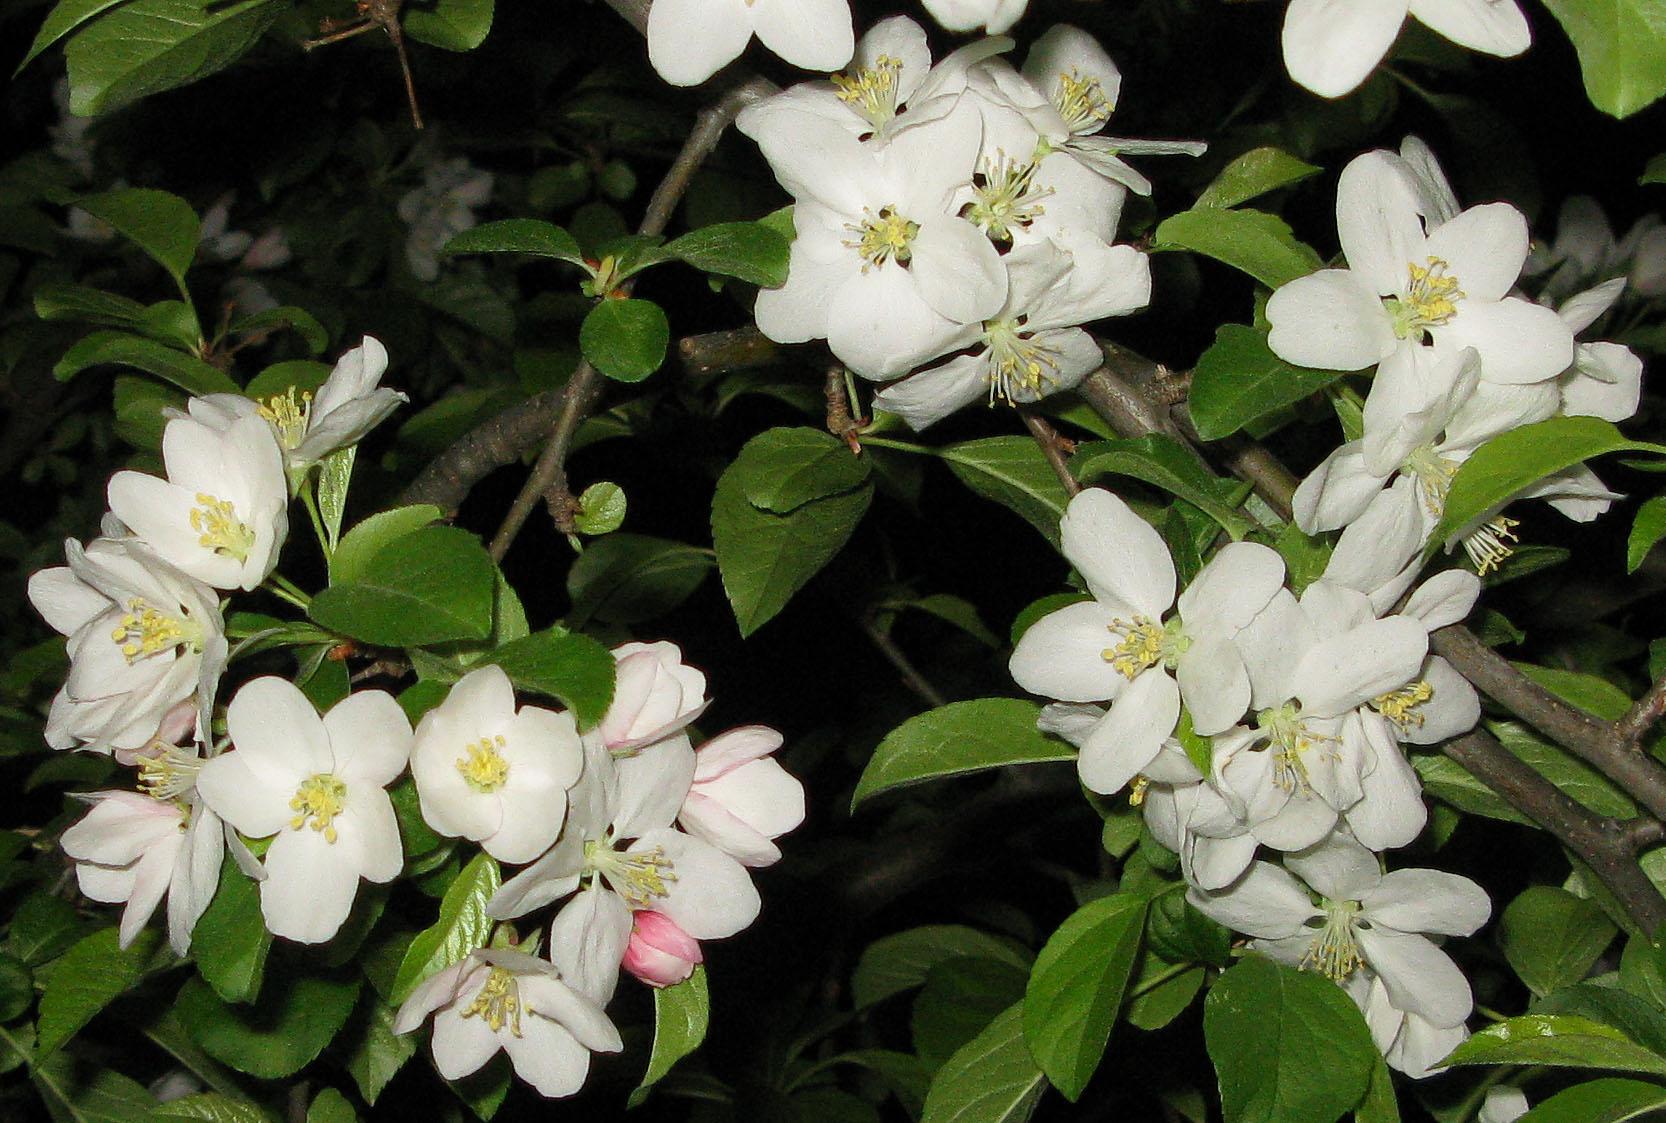 Blooming White Flowers 15 Cool Hd Wallpaper Hdflowerwallpaper